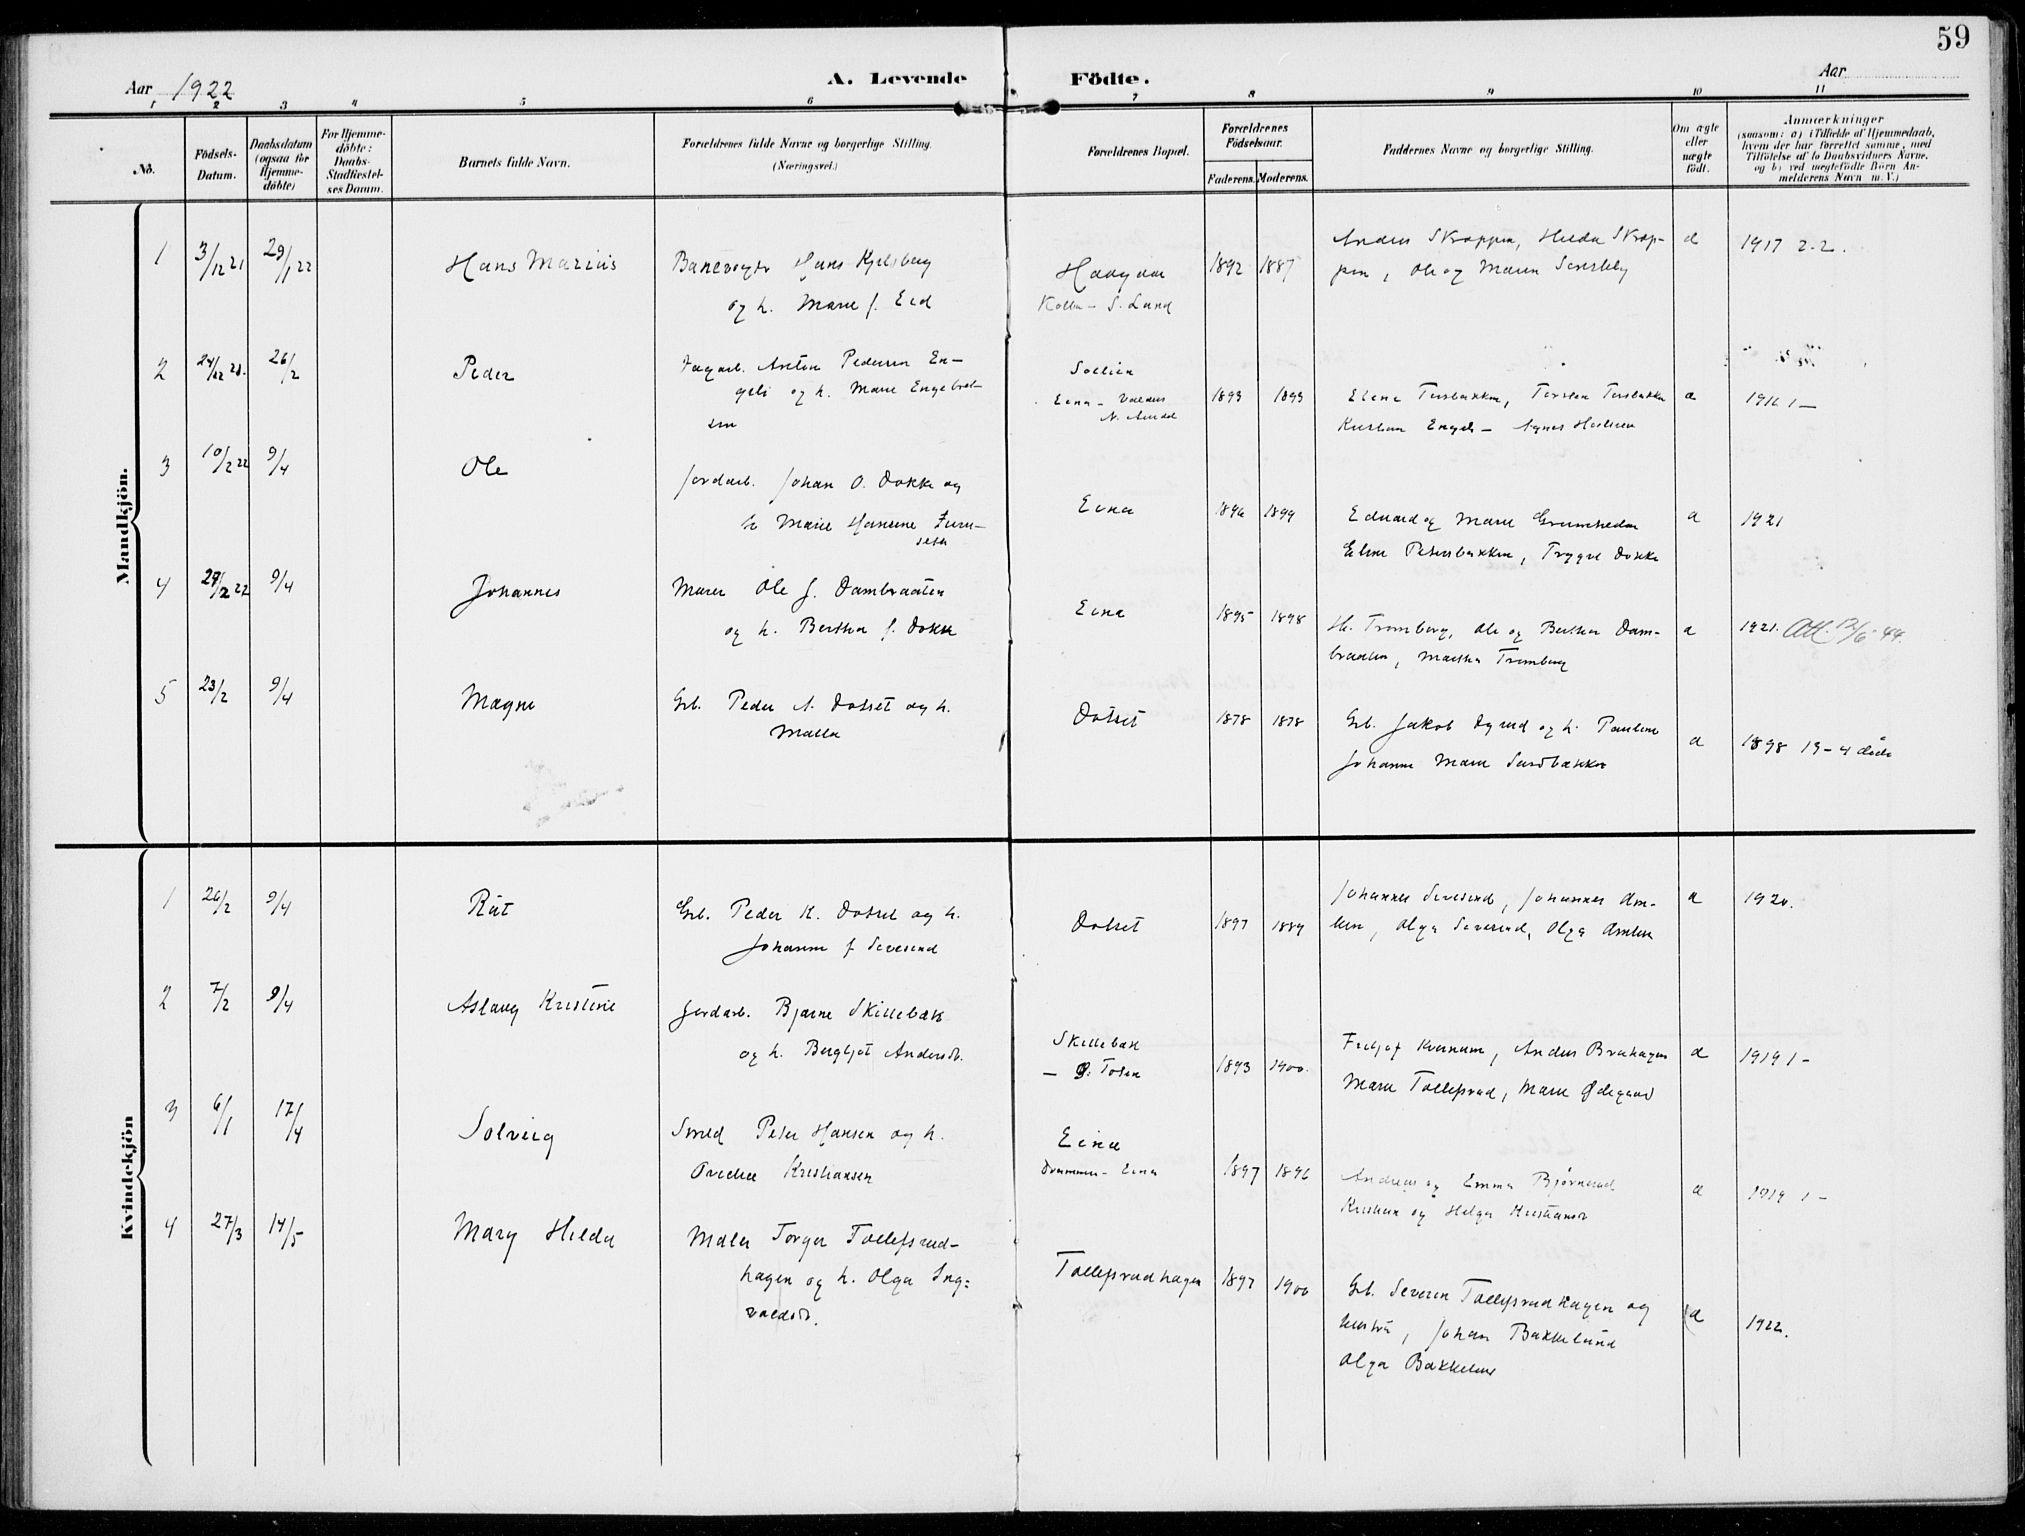 SAH, Kolbu prestekontor, Ministerialbok nr. 1, 1907-1923, s. 59